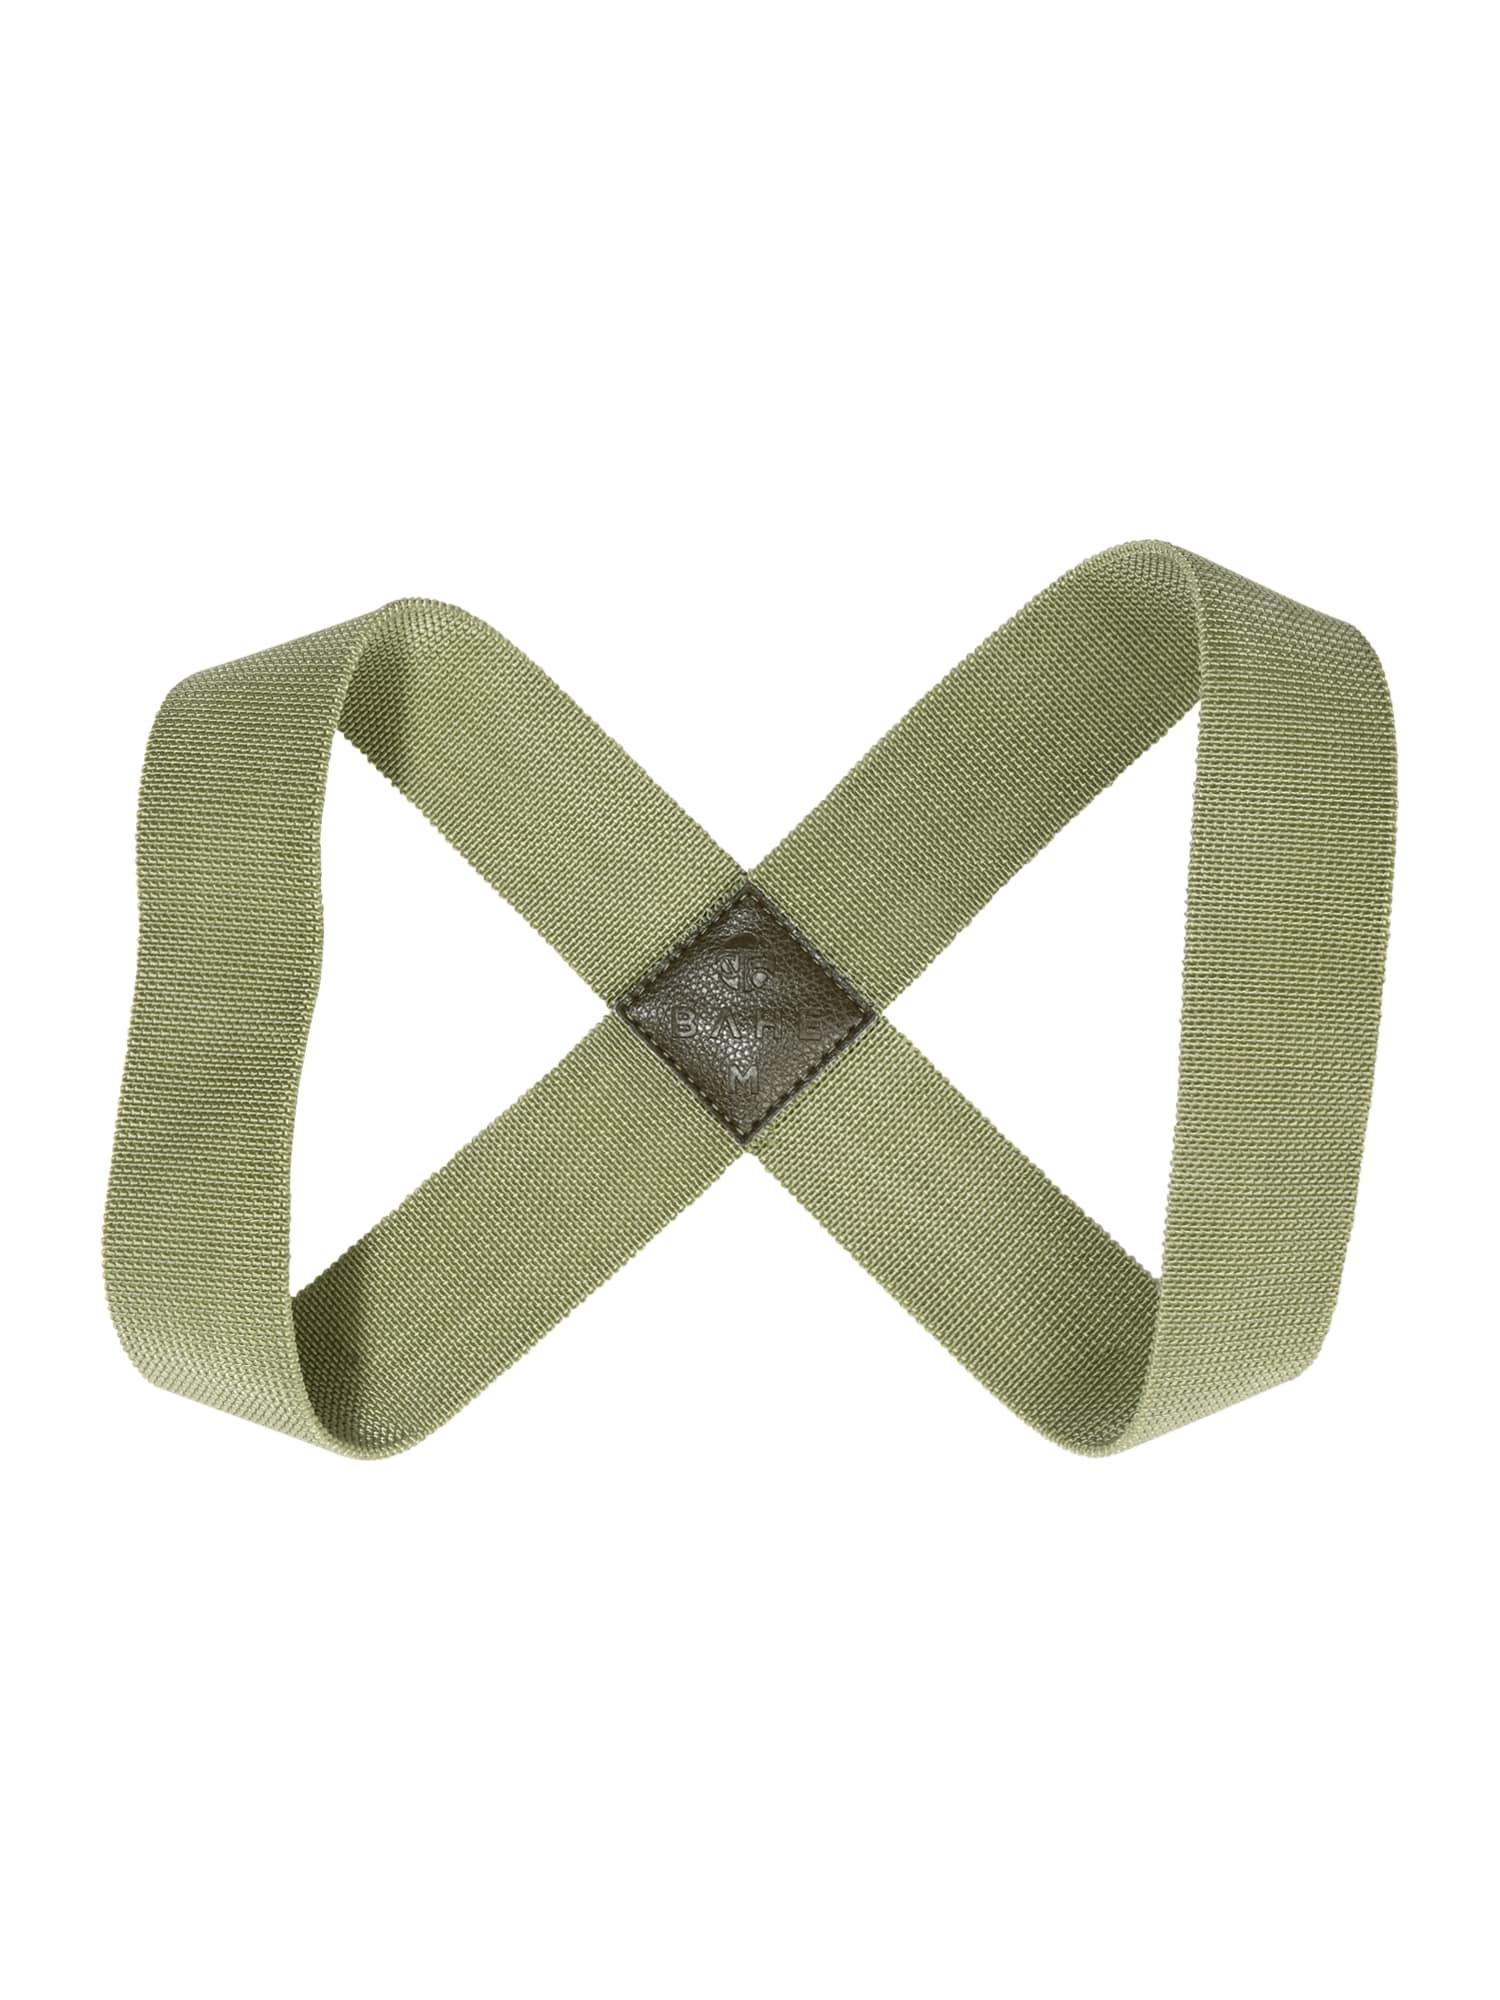 bahé yoga Tampri juosta šviesiai žalia